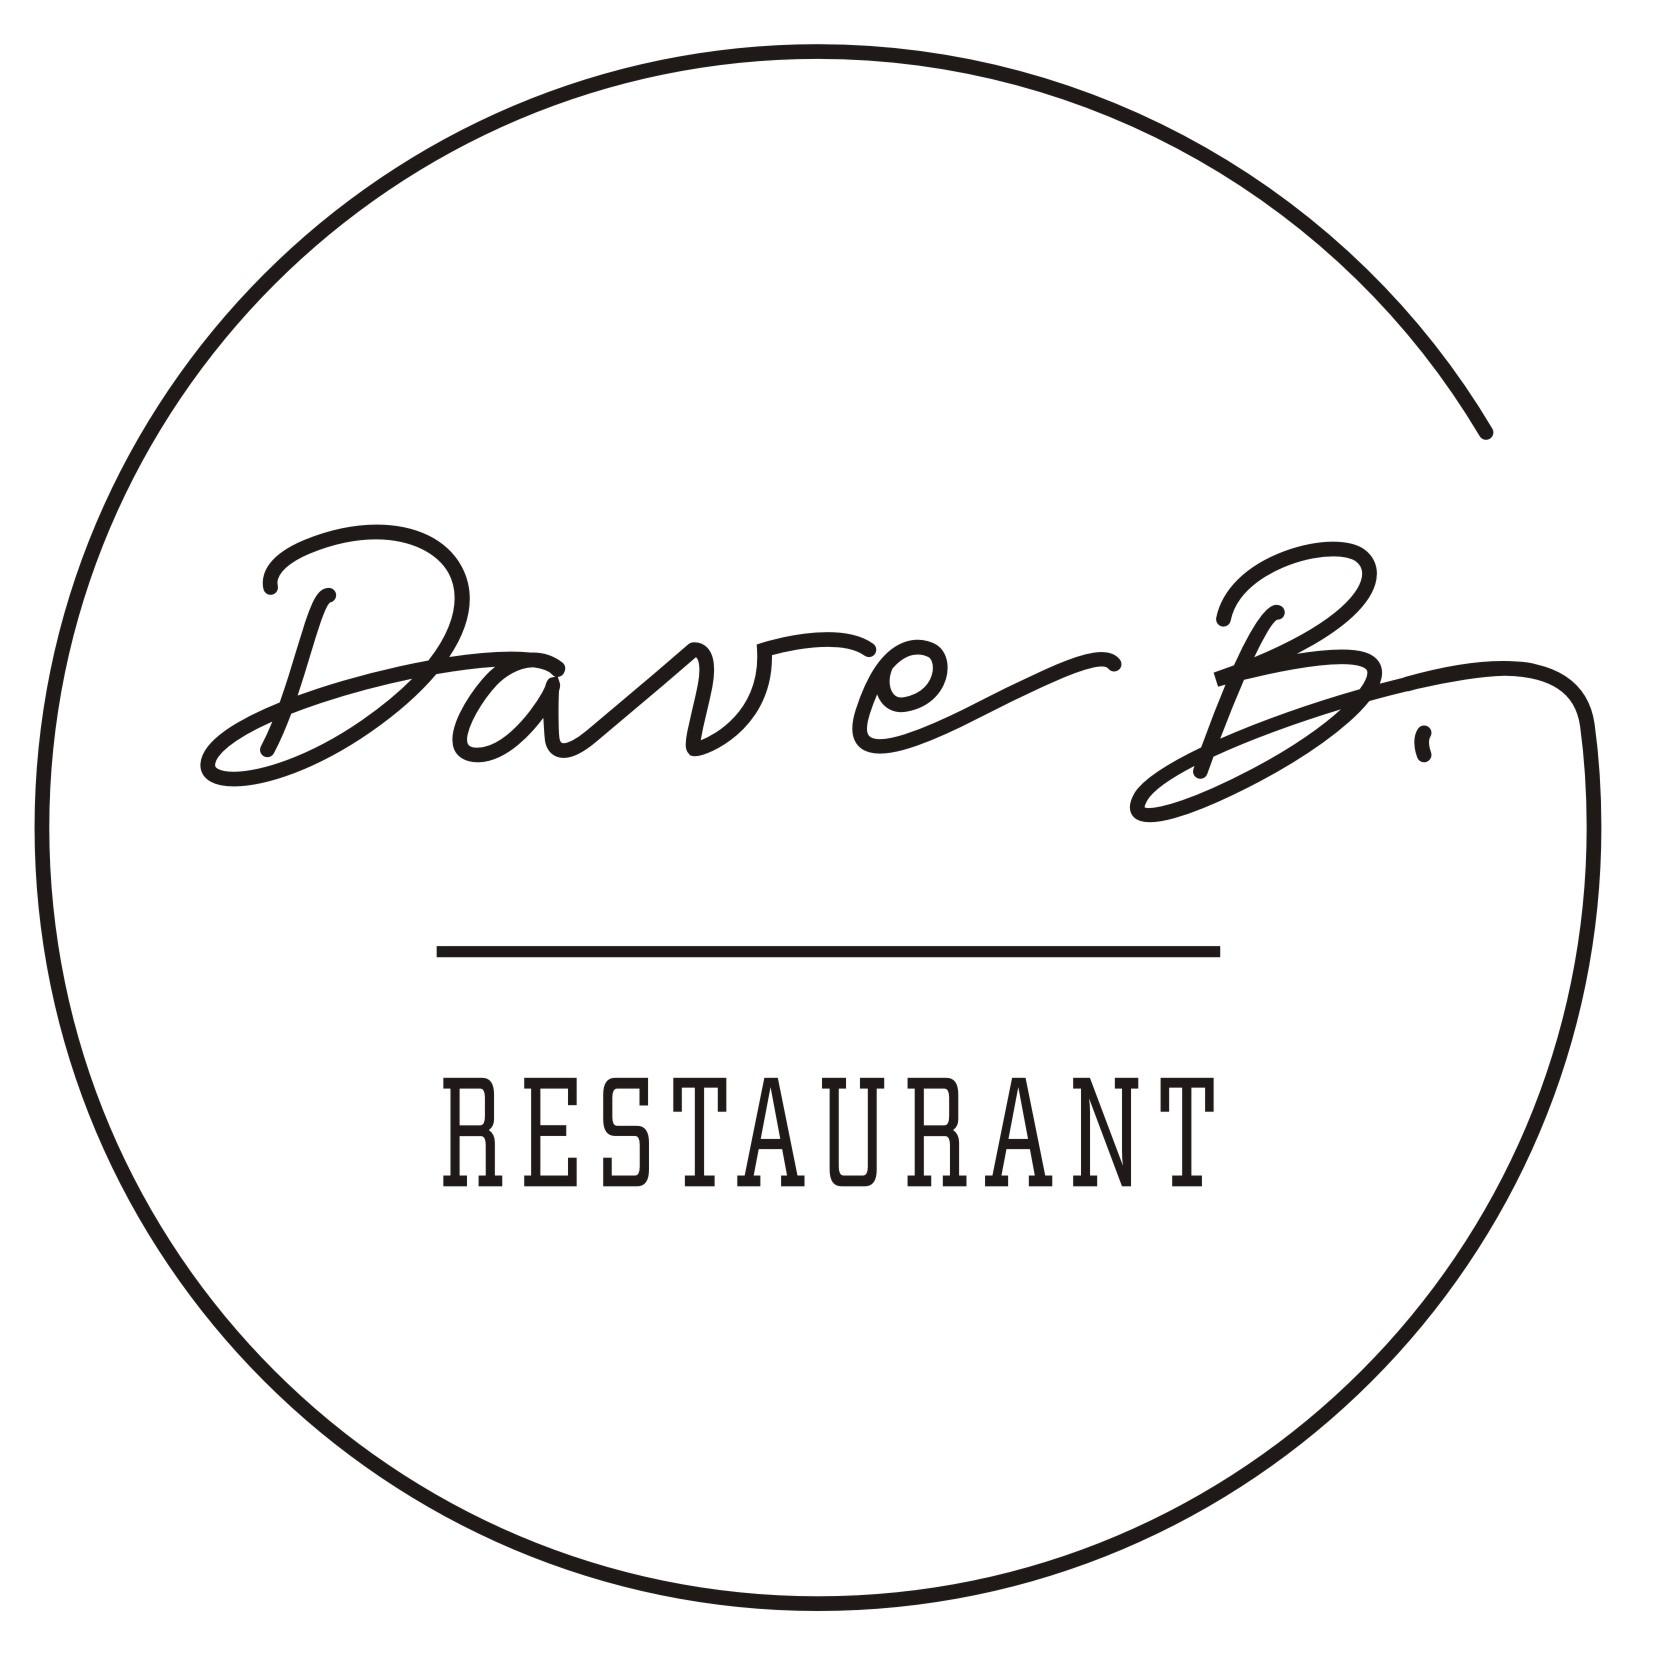 Neopark restauracja Dave B.